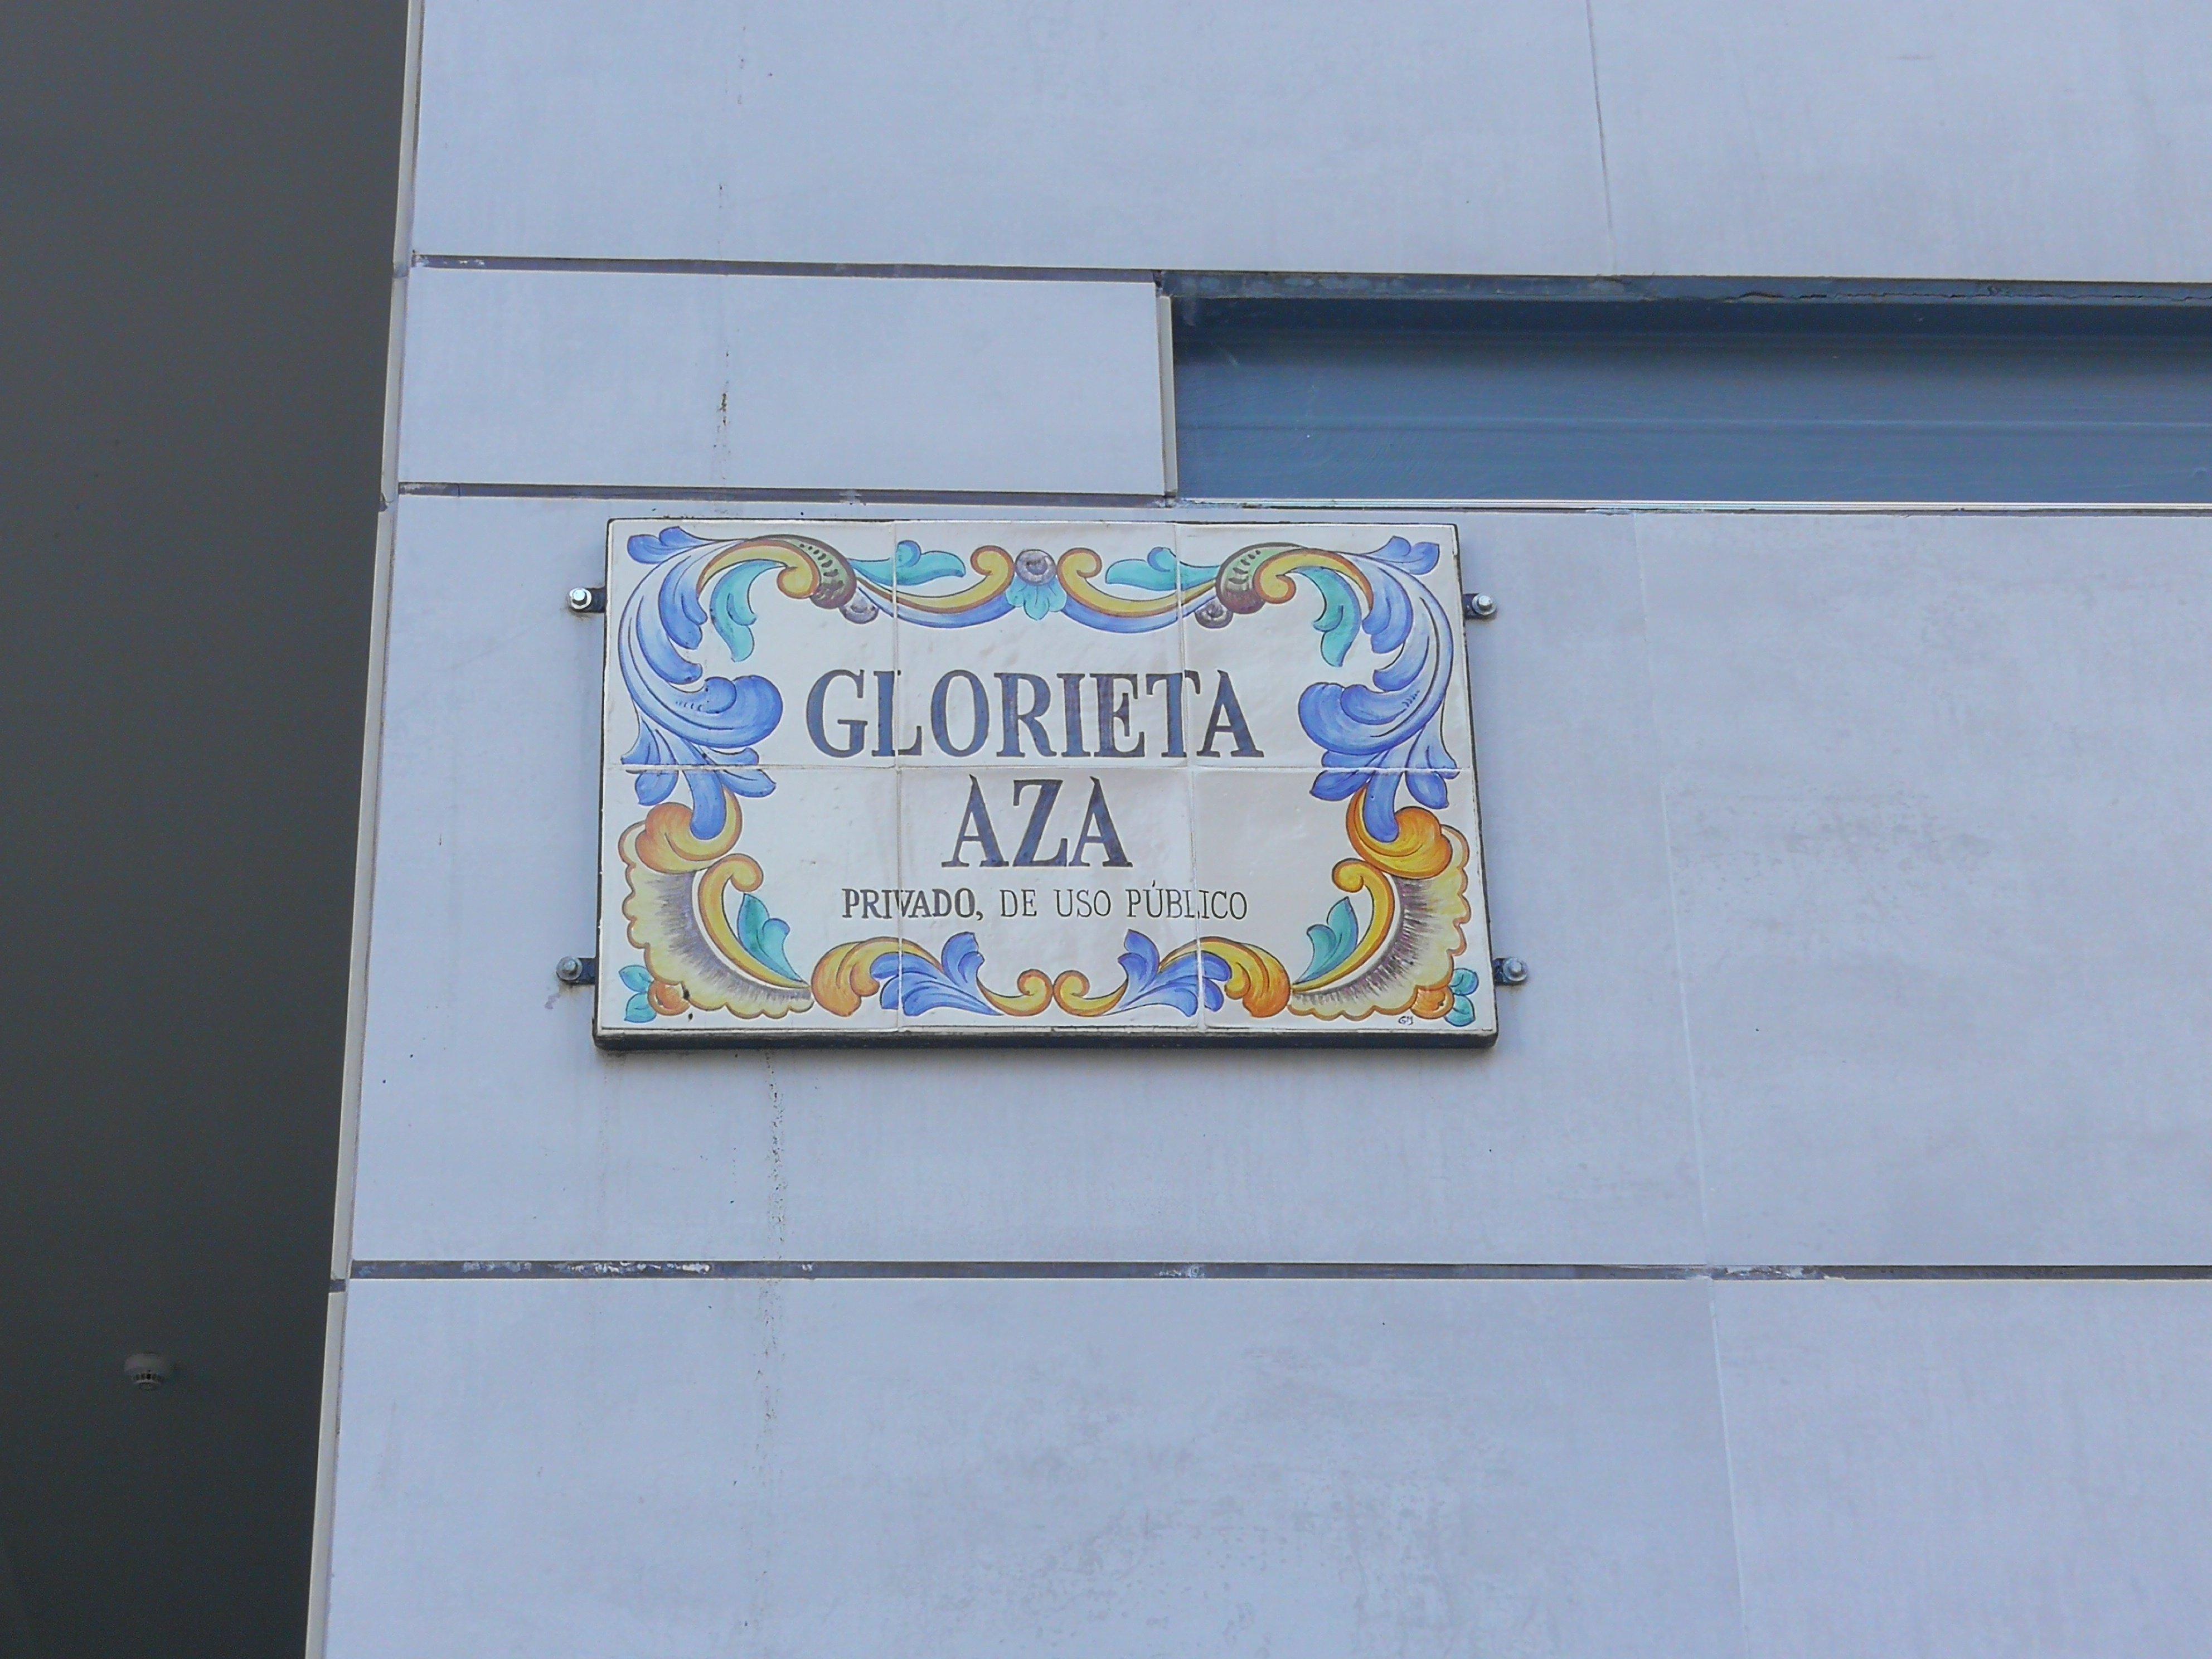 glorieta_aza